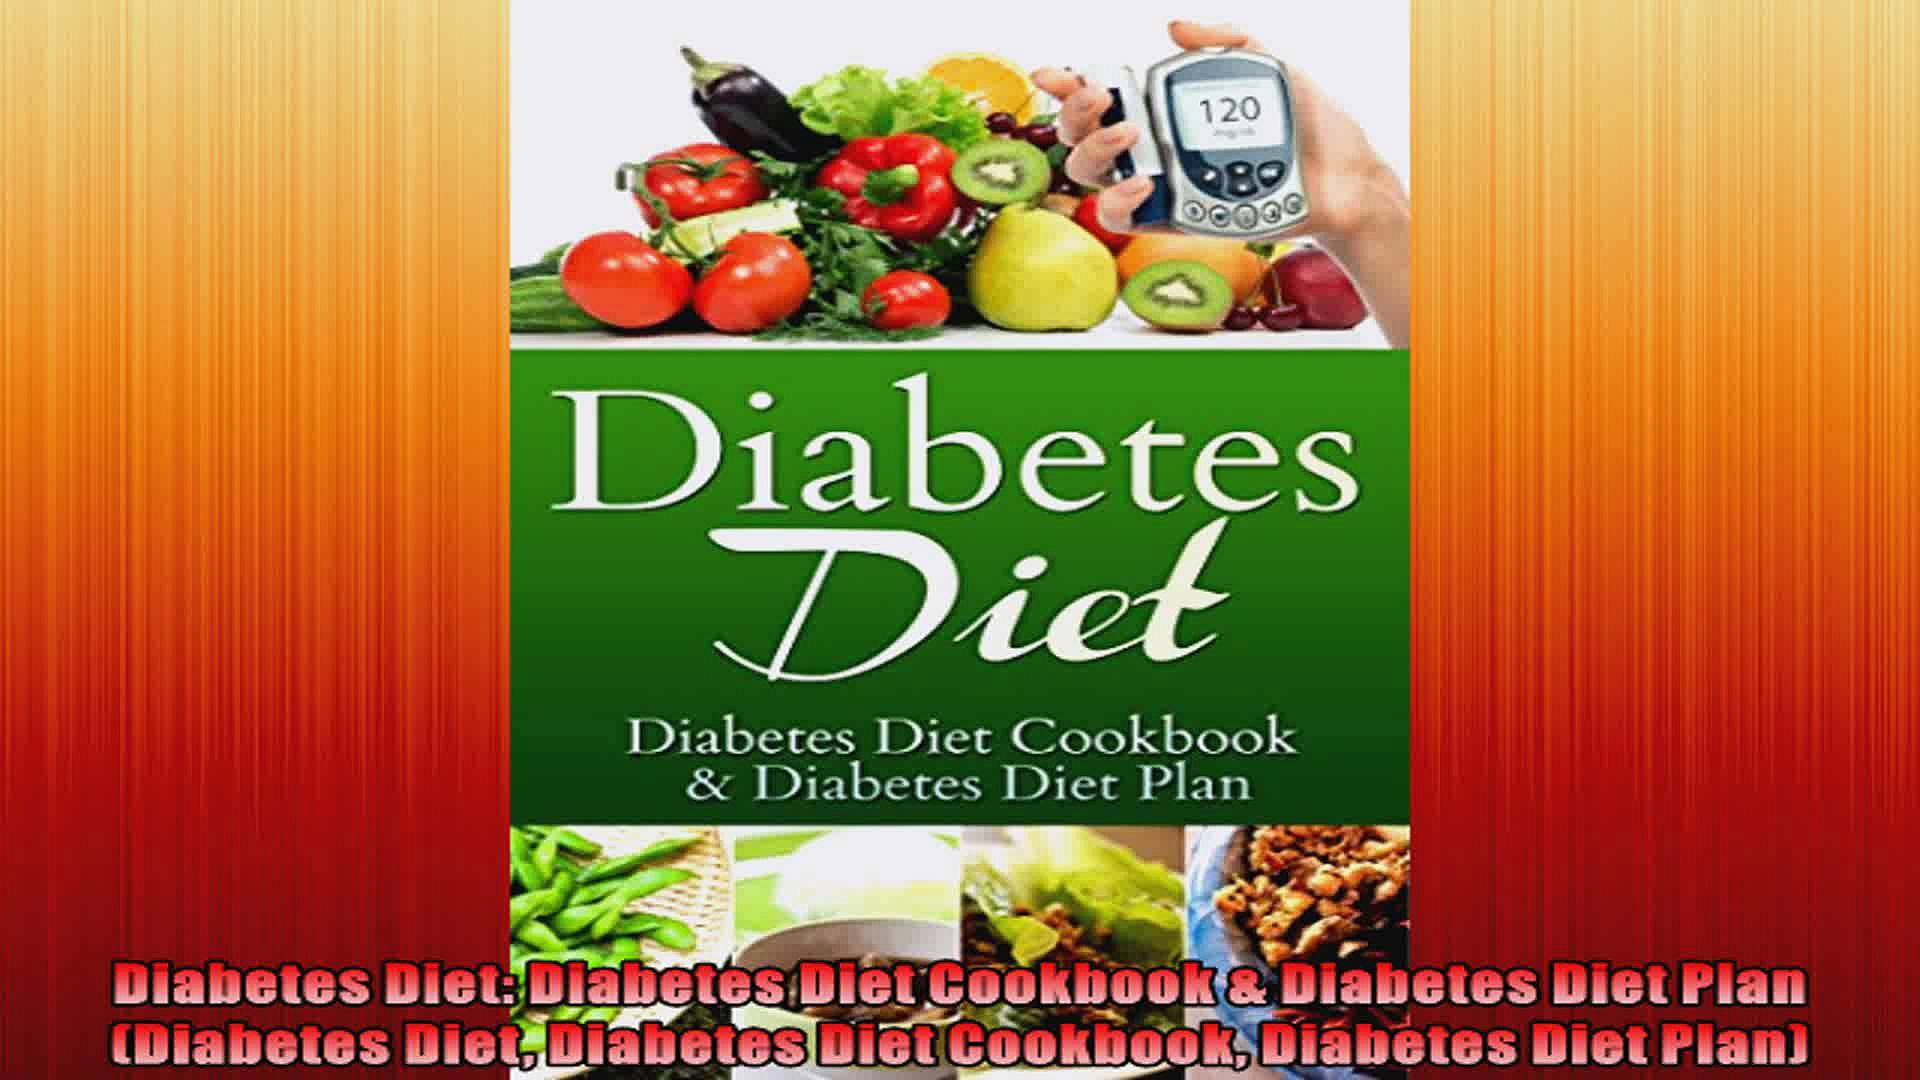 Diabetes Diet Diabetes Diet Cookbook  Diabetes Diet Plan Diabetes Diet Diabetes Diet